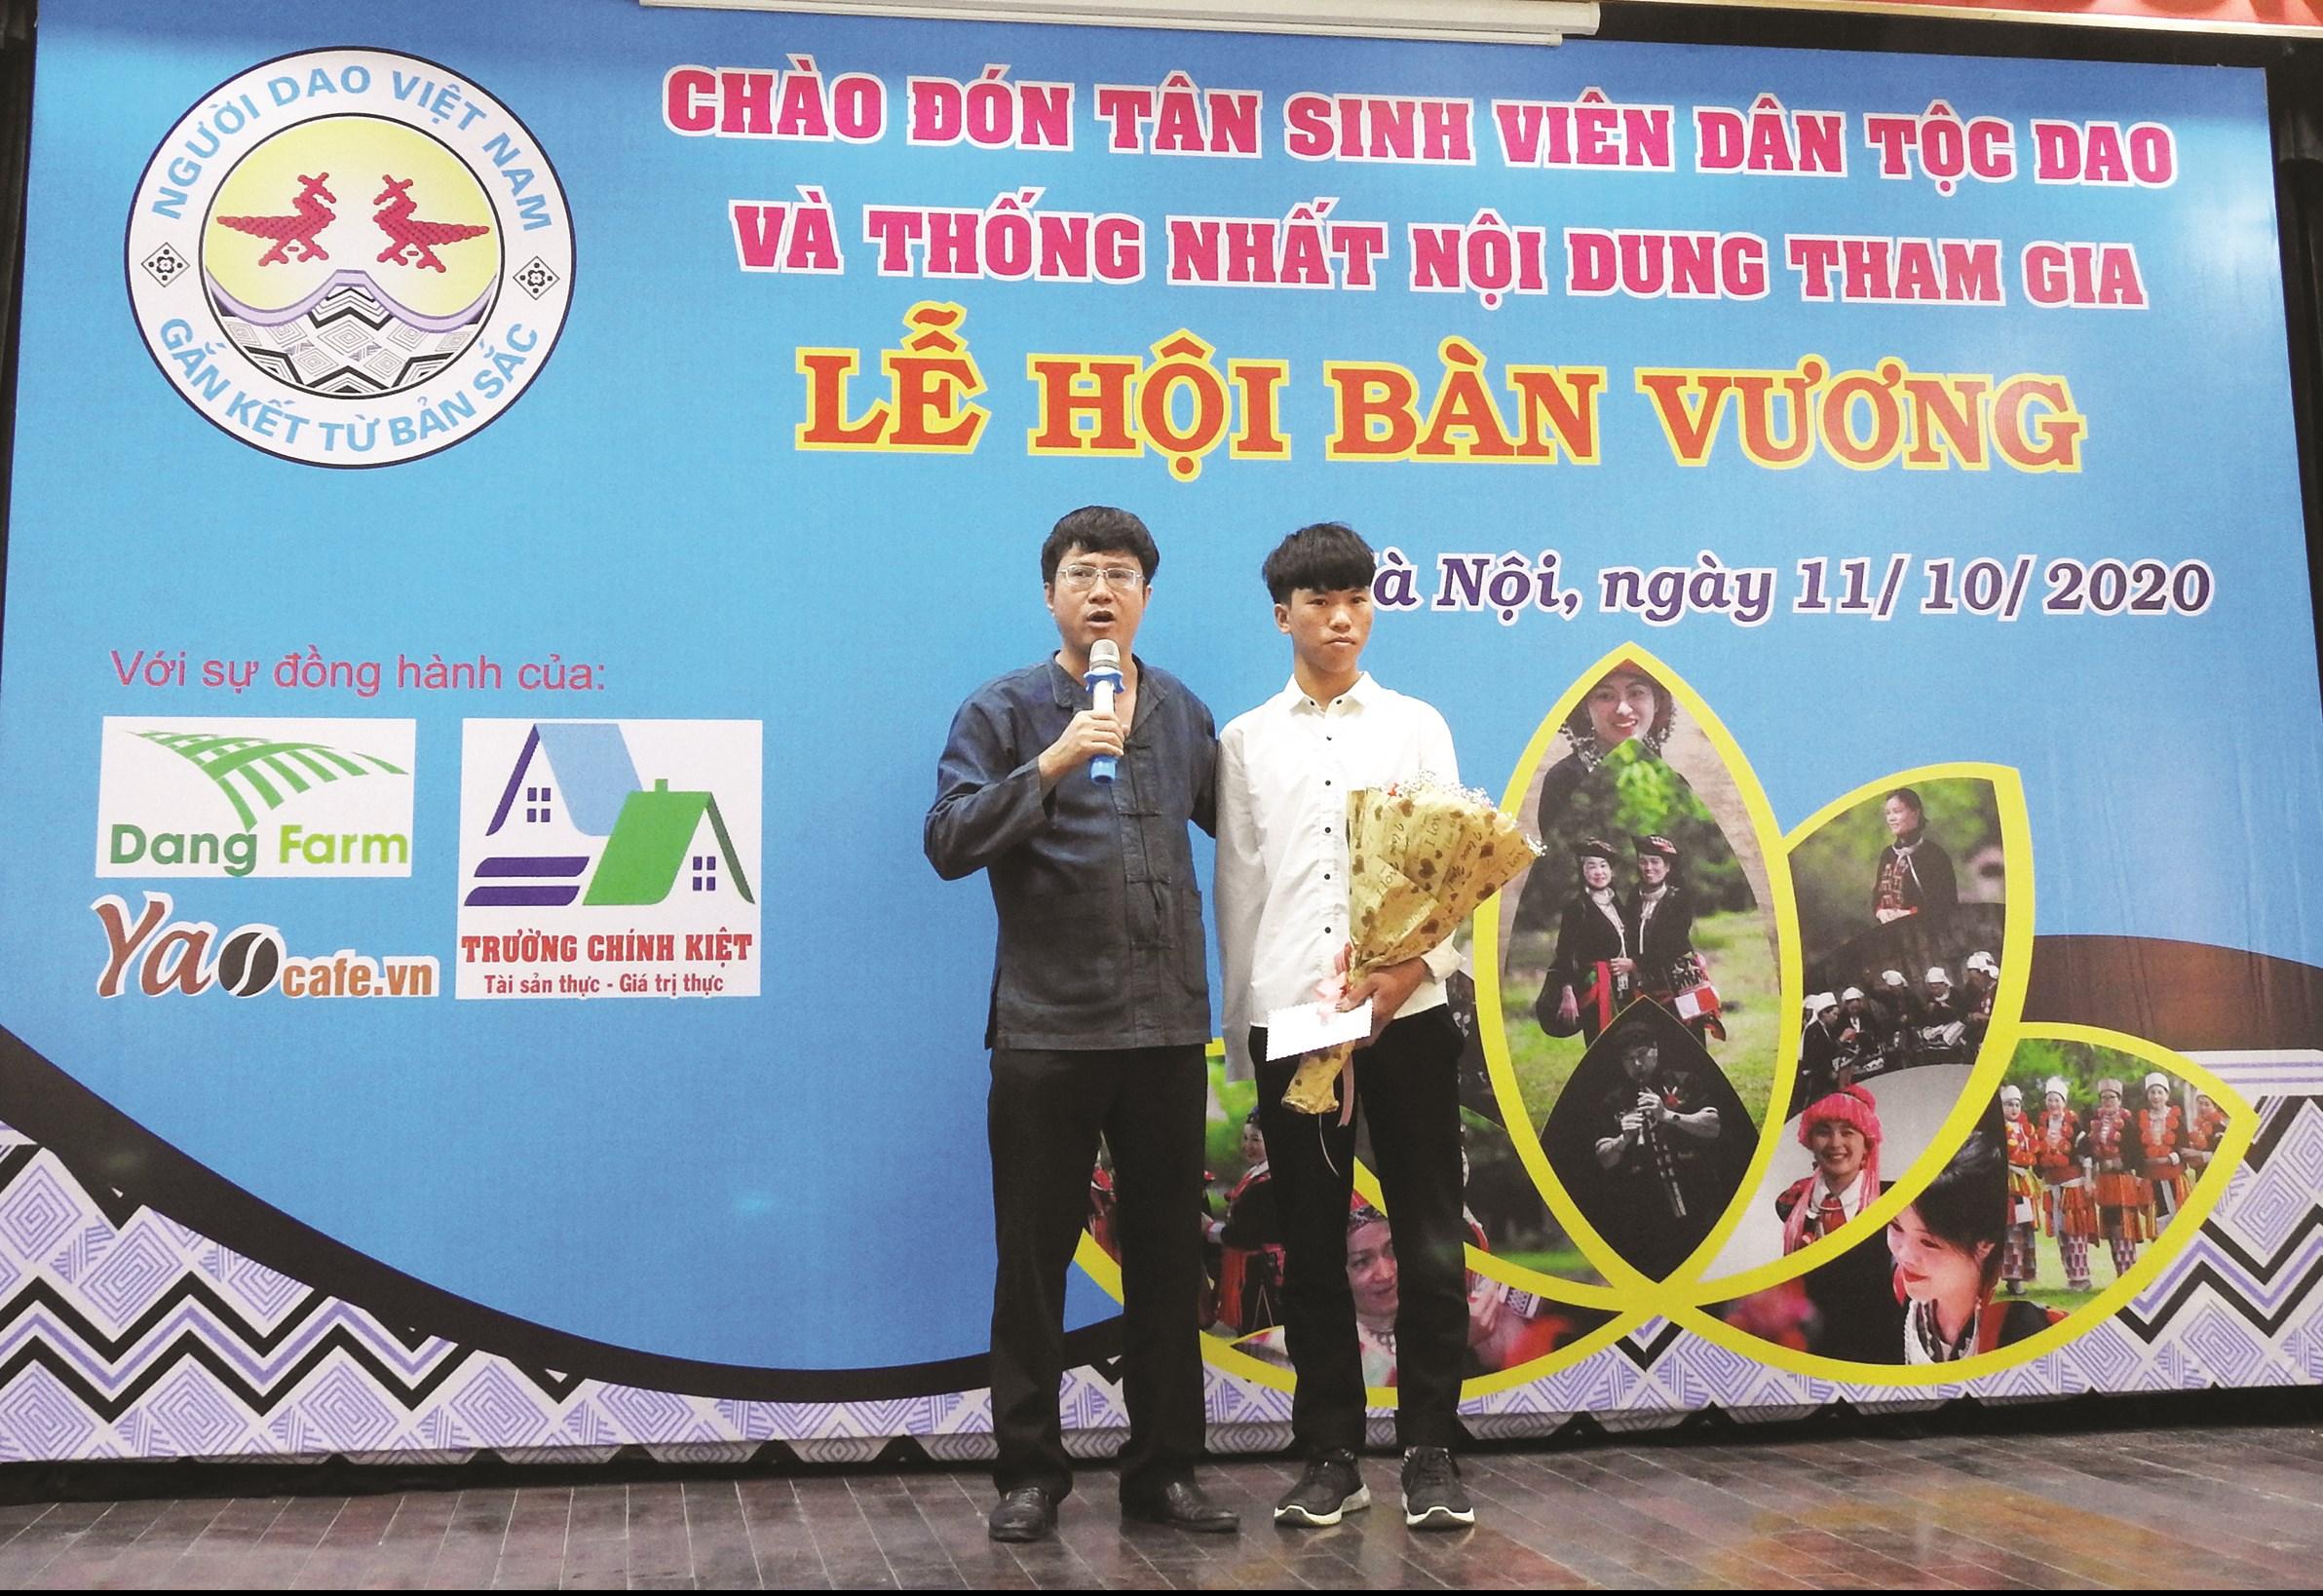 Em Lý Dào Quyên (áo trắng) trong buổi tuyên dương tân sinh viên dân tộc Dao tại Hà Nội.